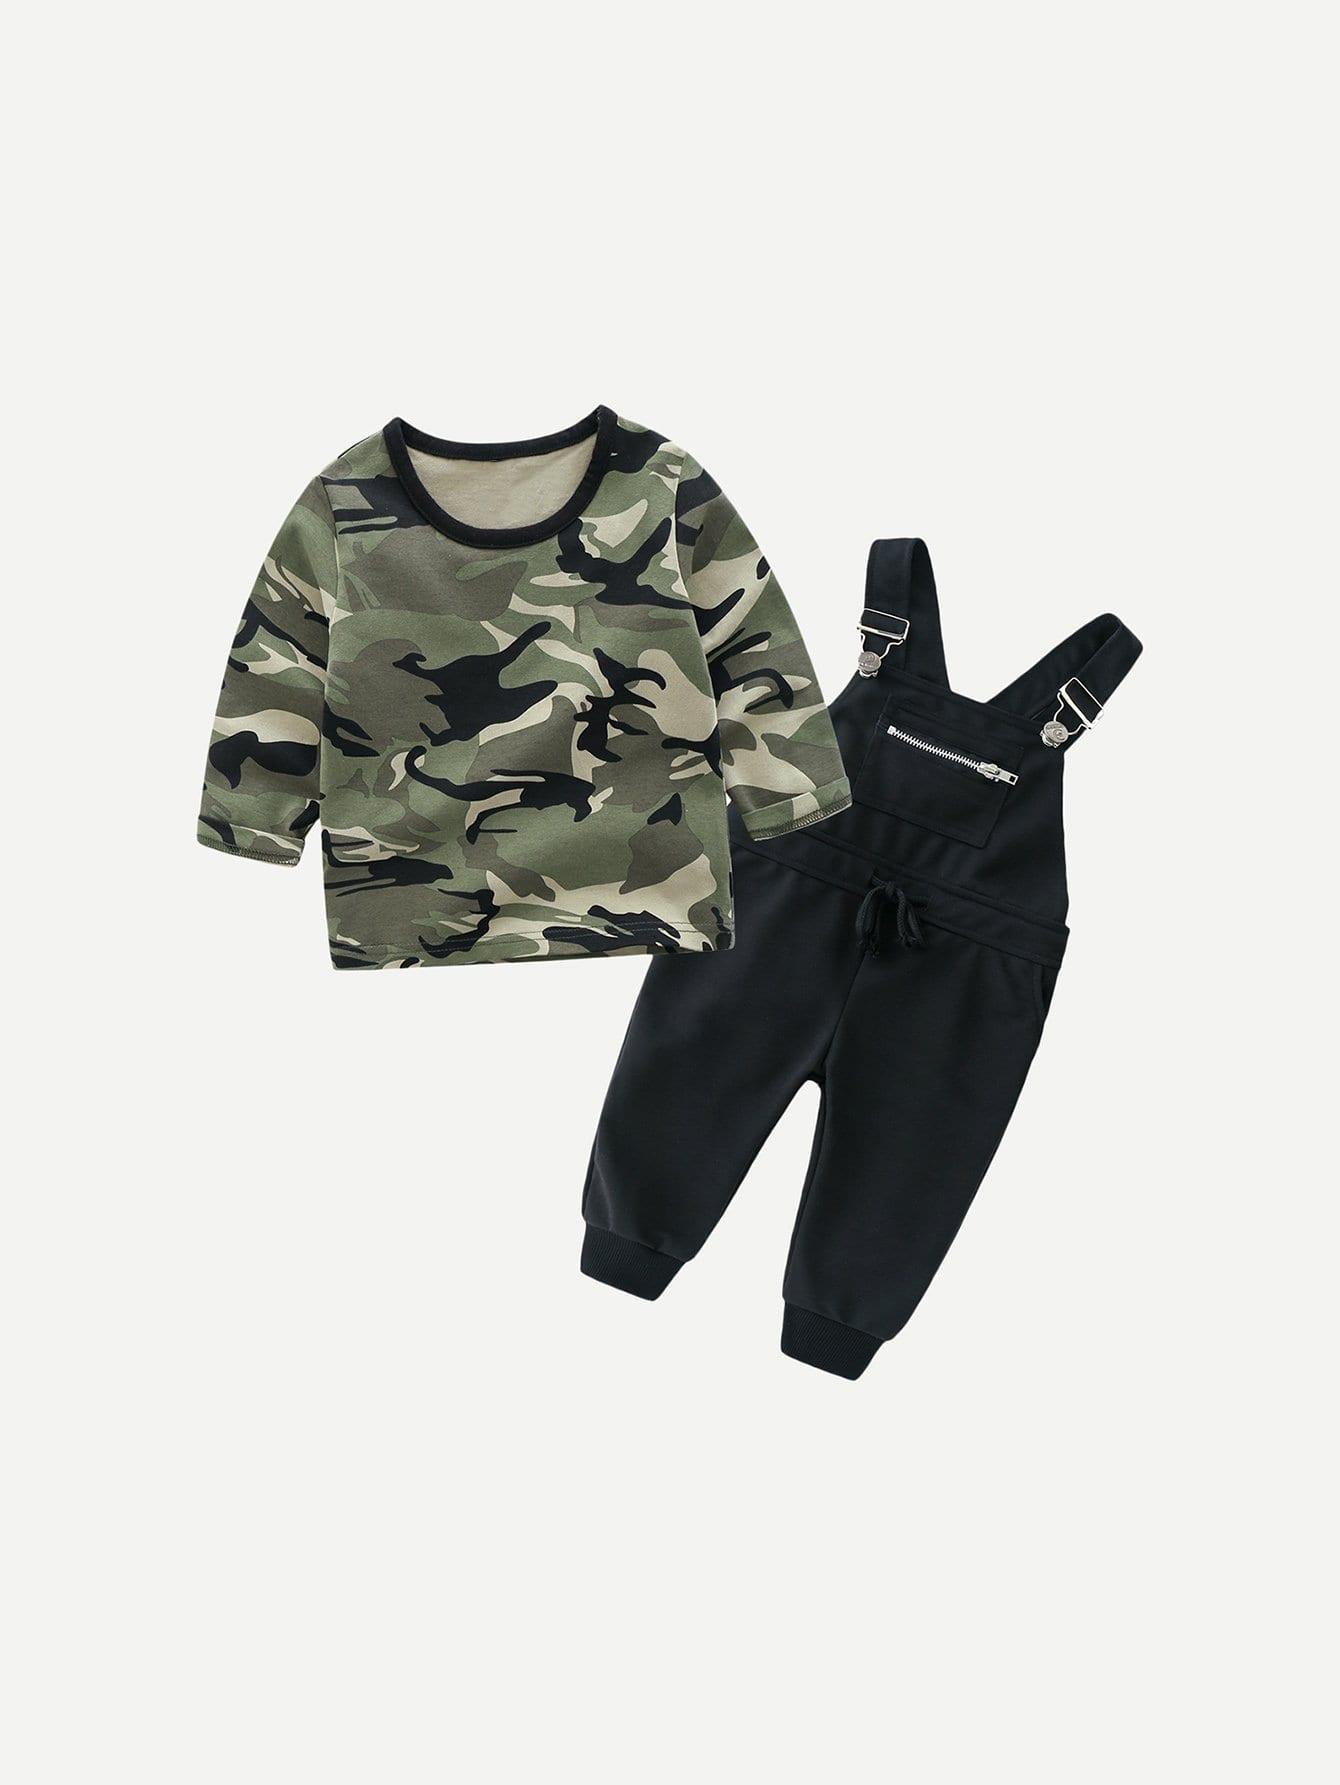 Купить Камуфлжяная блуза и комбинезон для маленьких мальчиков, null, SheIn